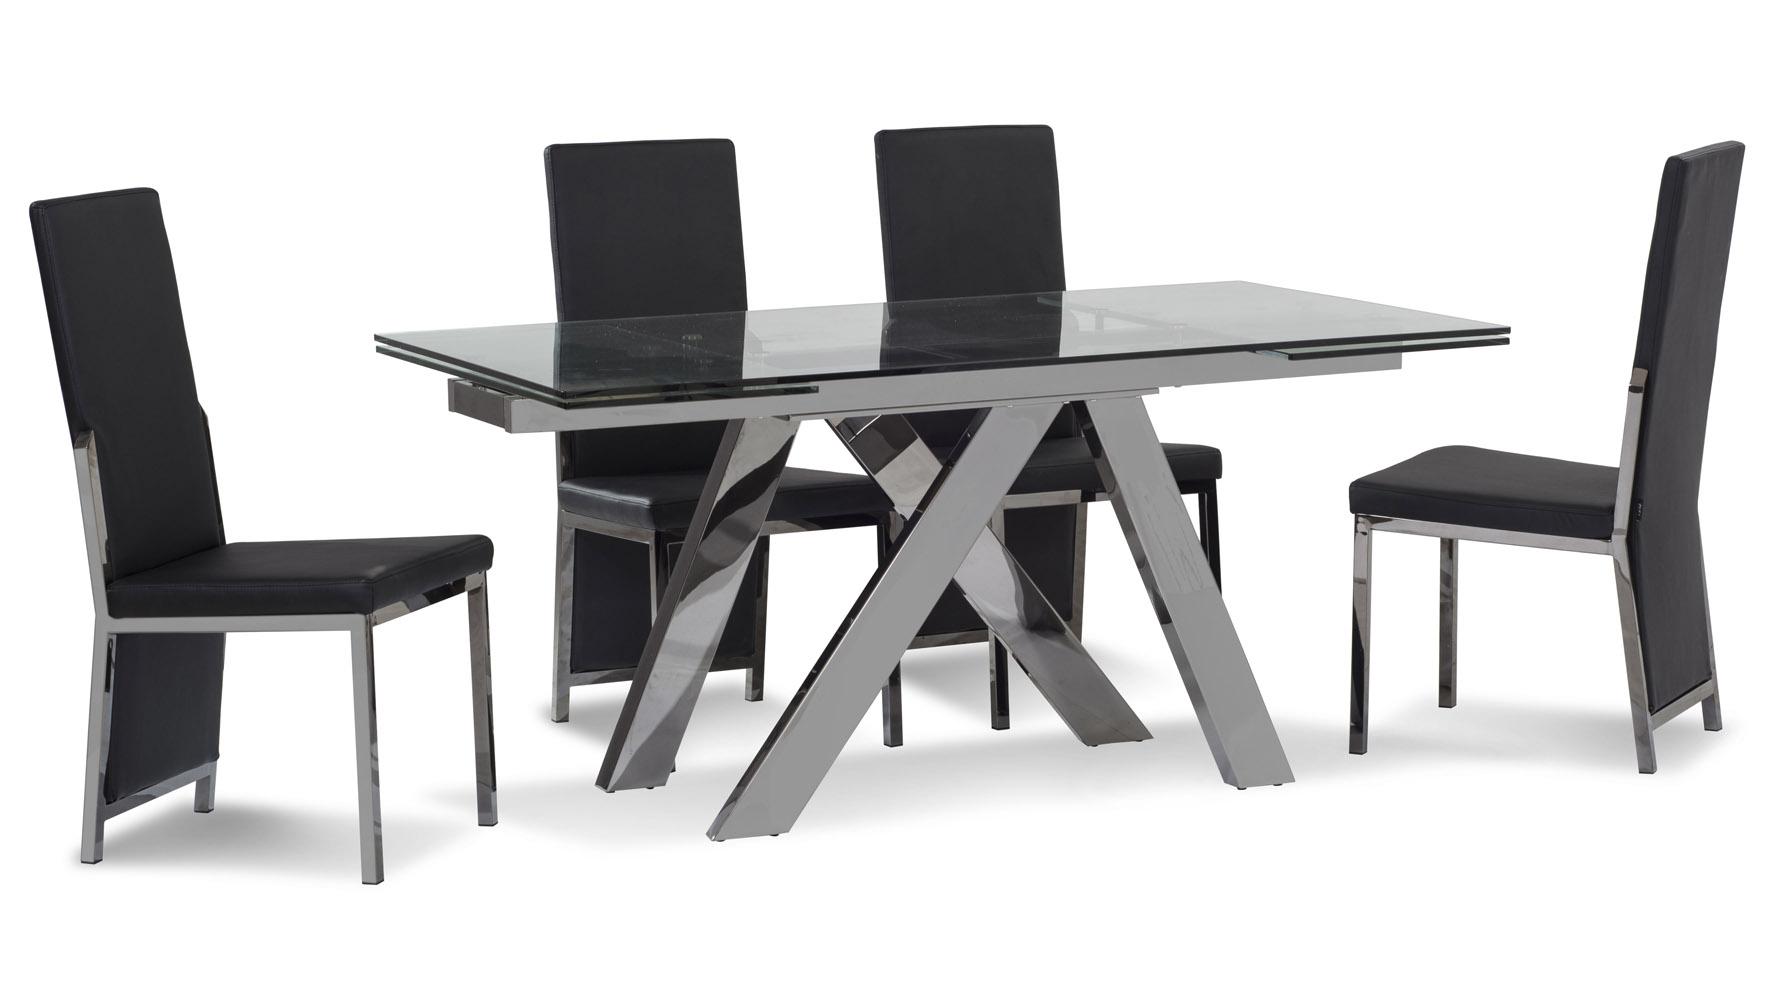 Modern Dining Room Furniture & Contemporary Furniture   Zuri Furniture